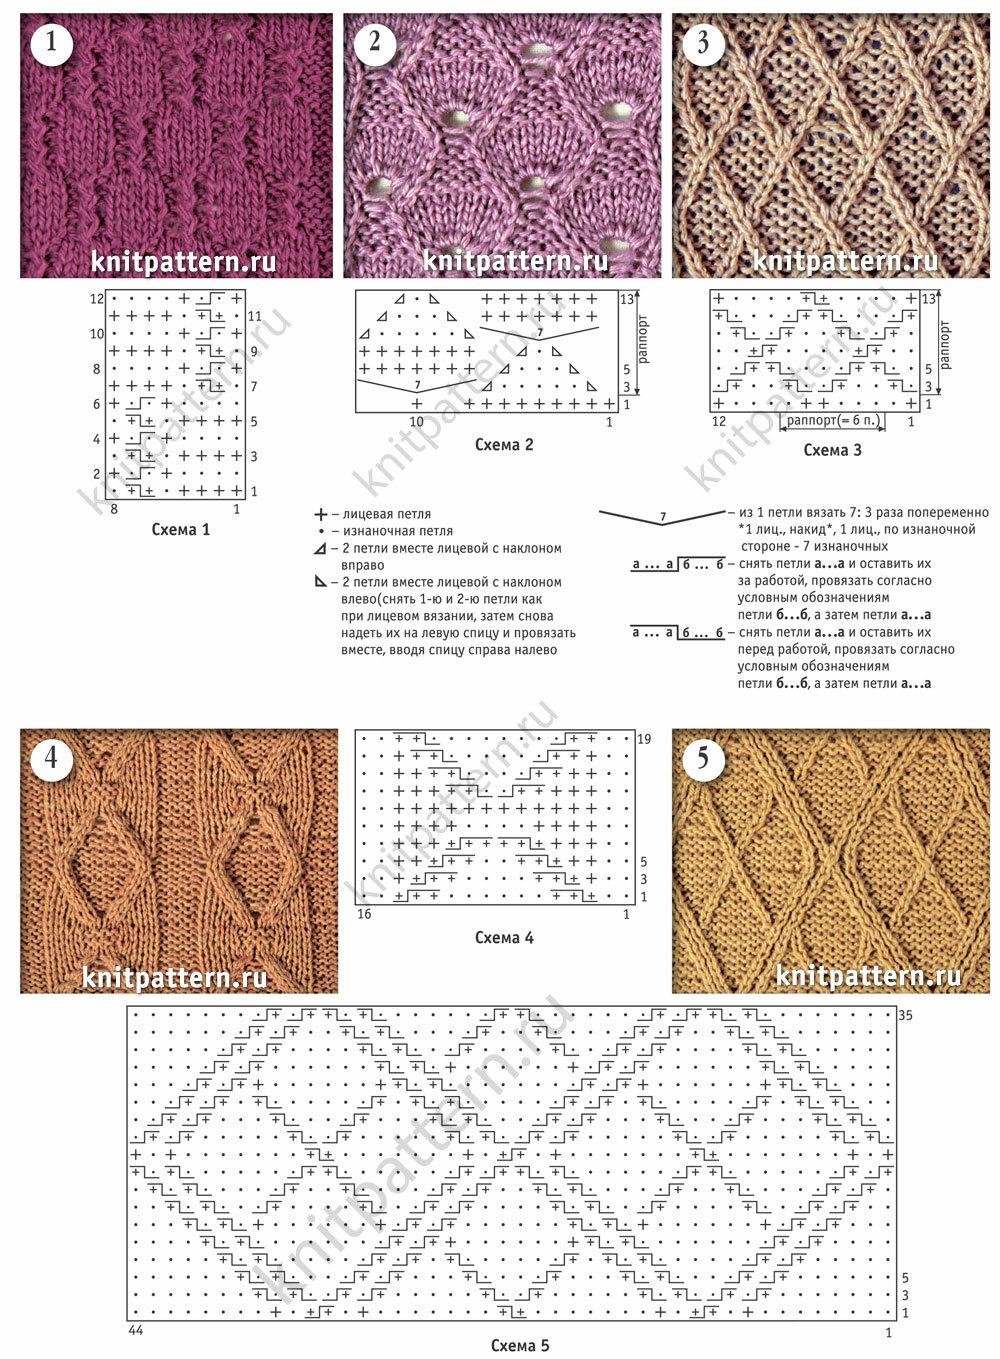 Вязание спицы схемы описание картинки